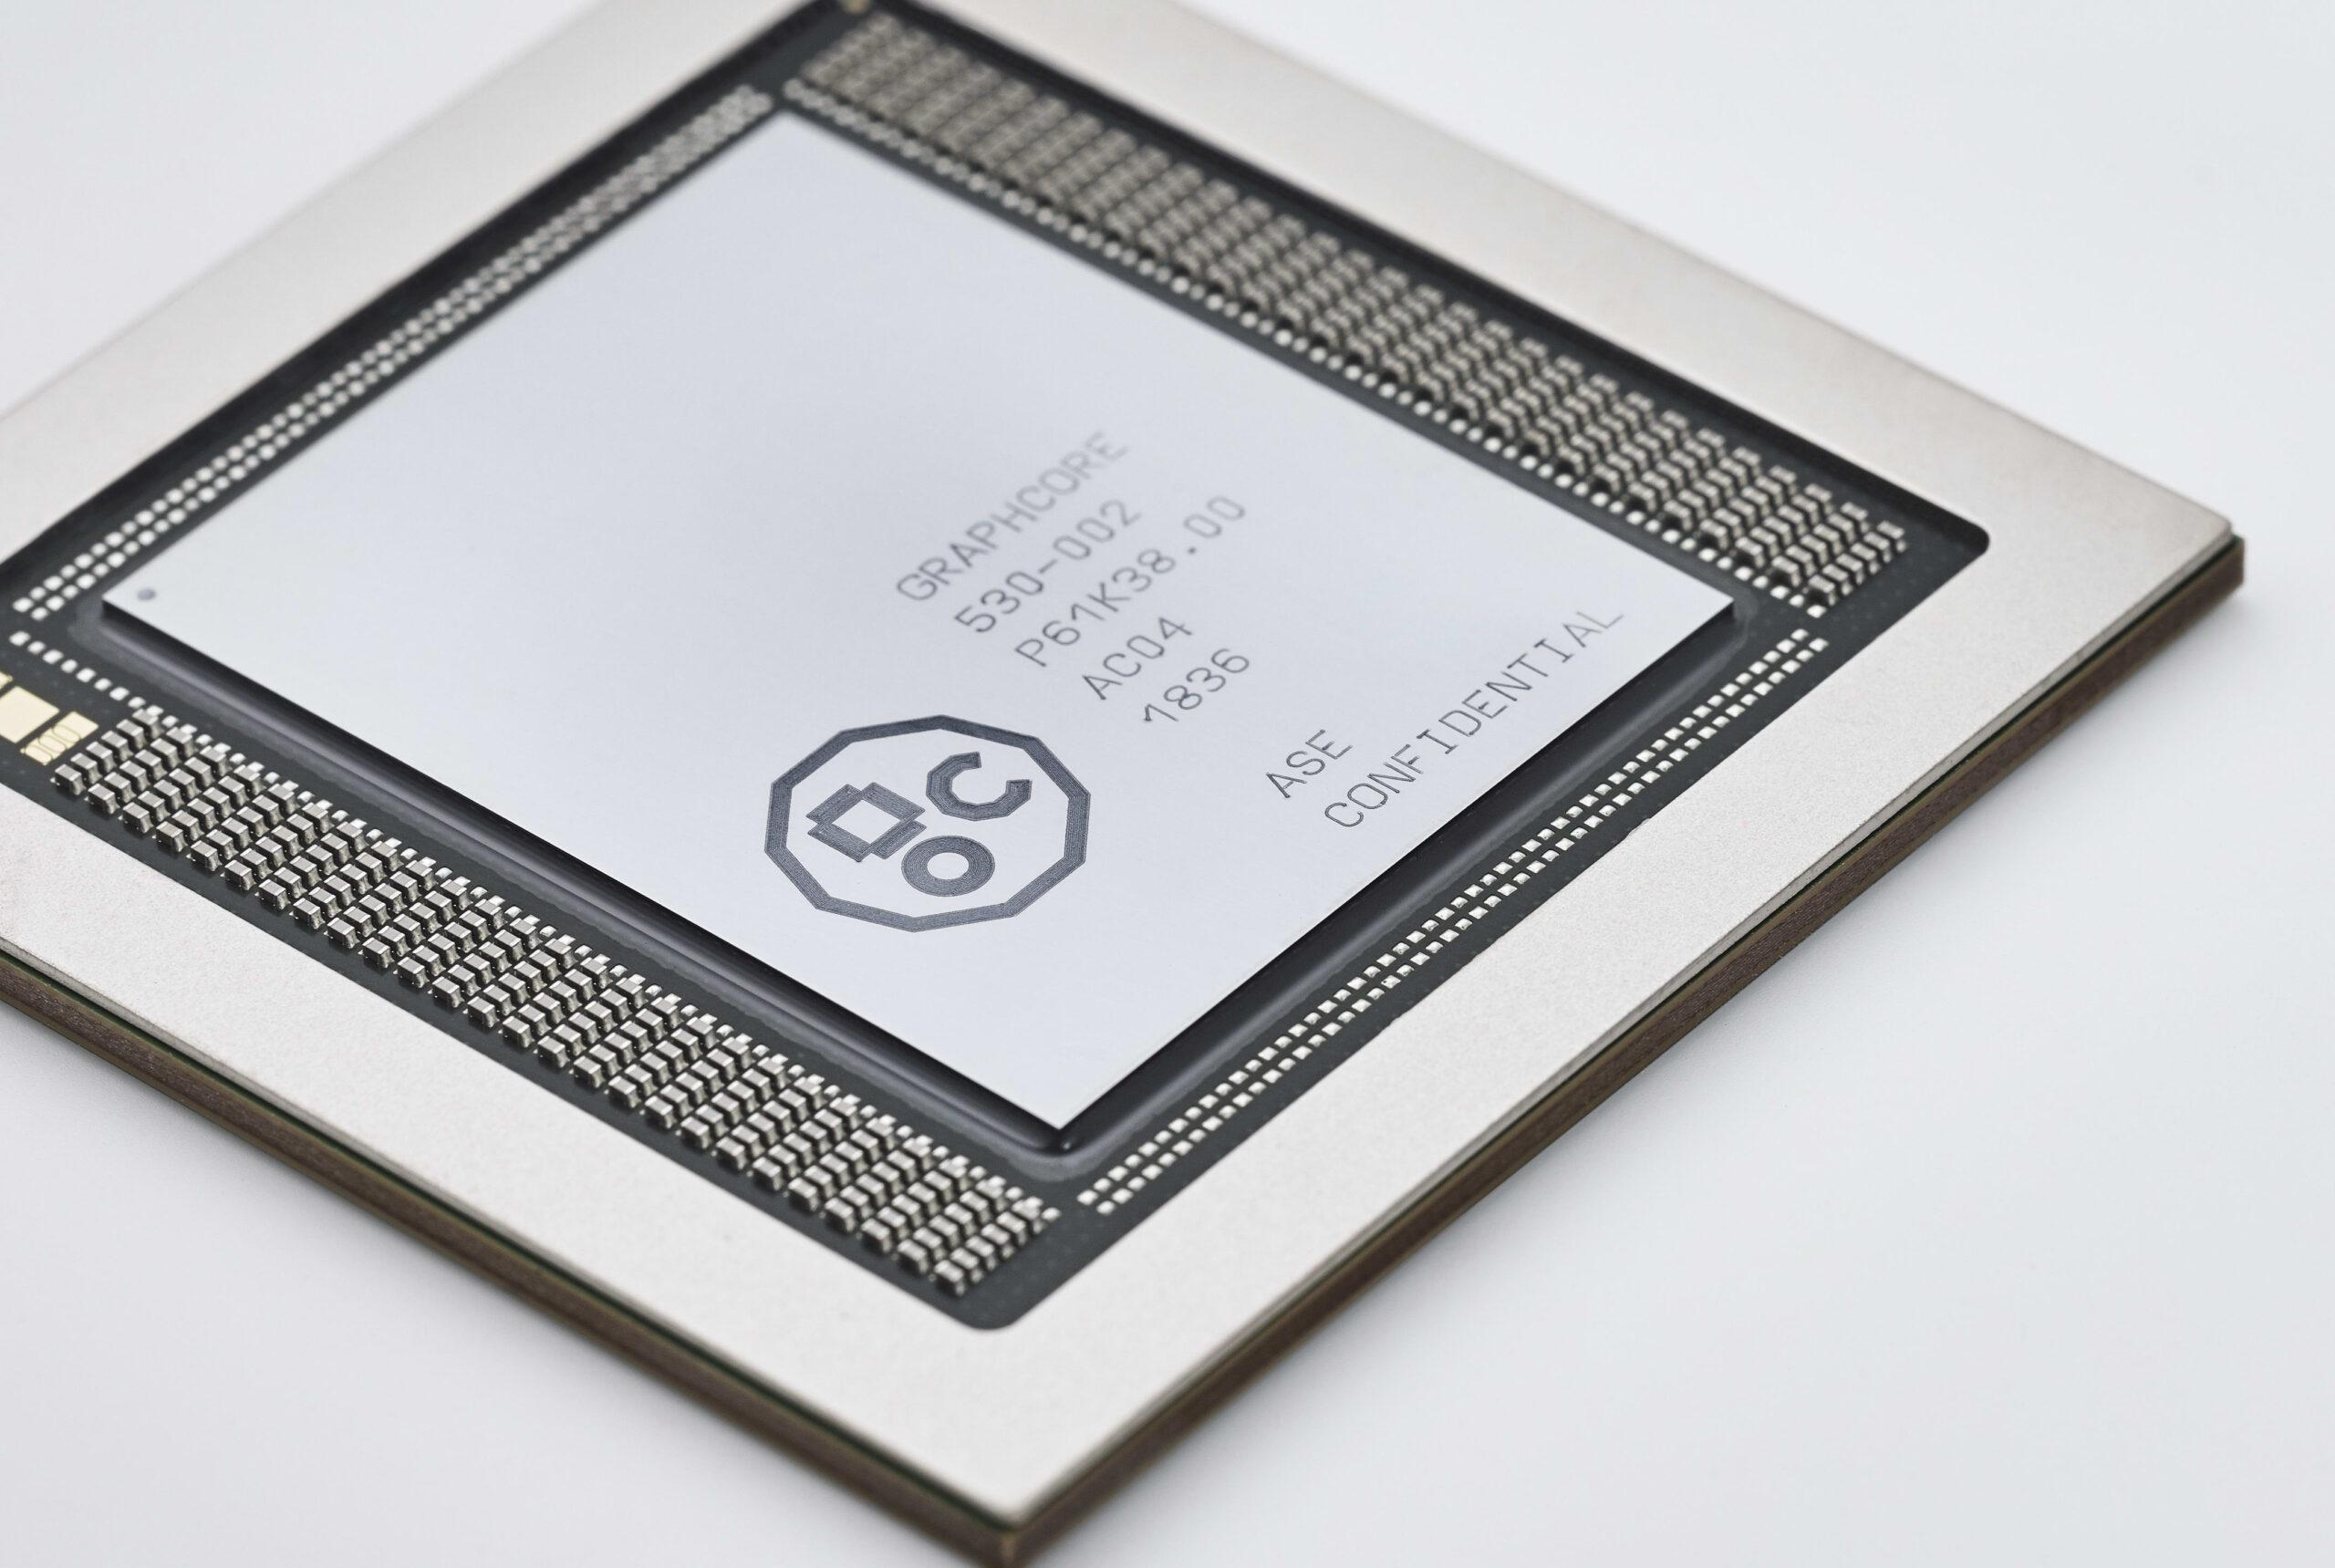 Graphcore launches 7nm AI processor